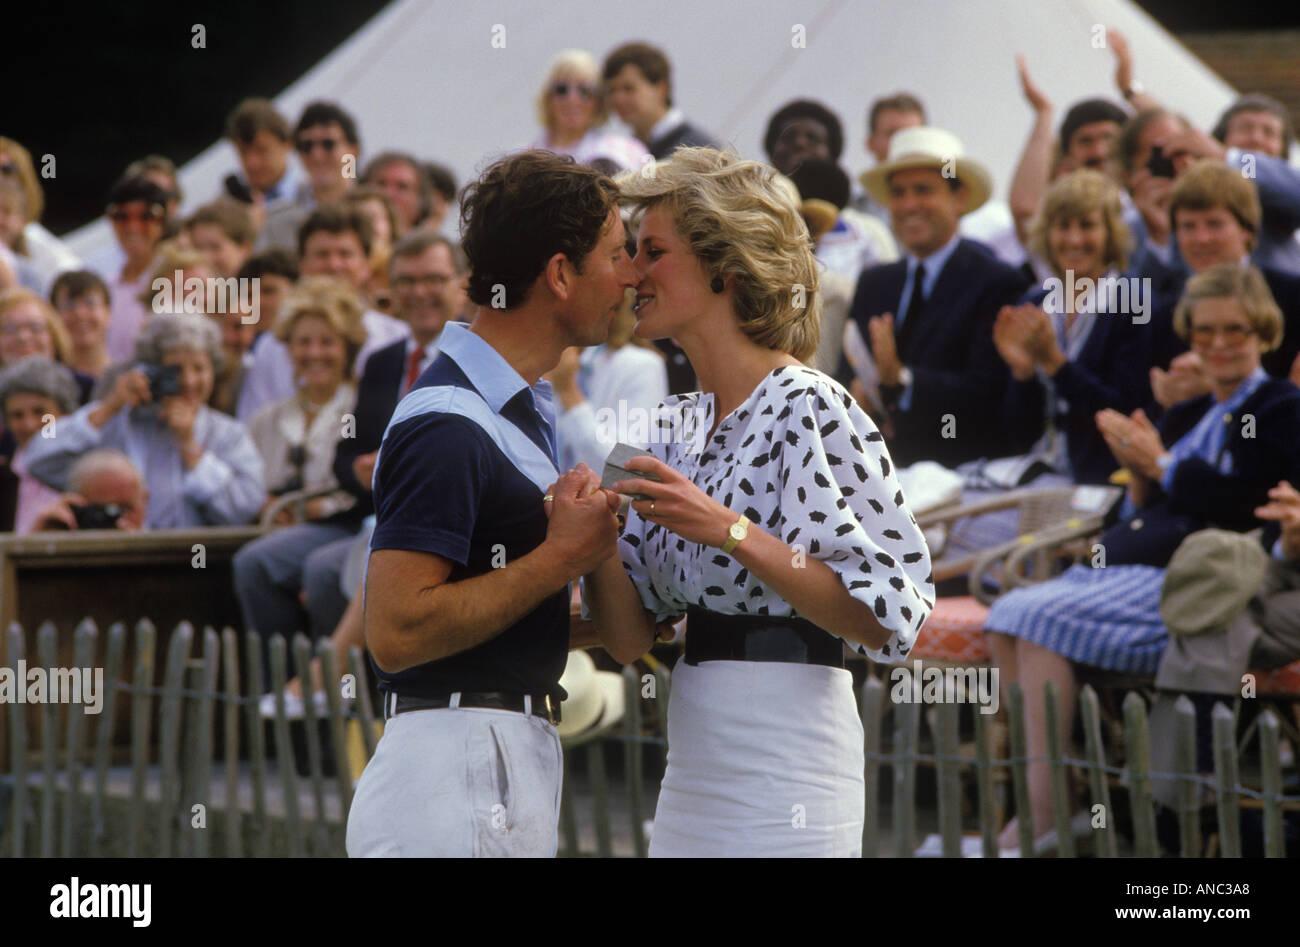 Diana Kiss Nude Photos 76